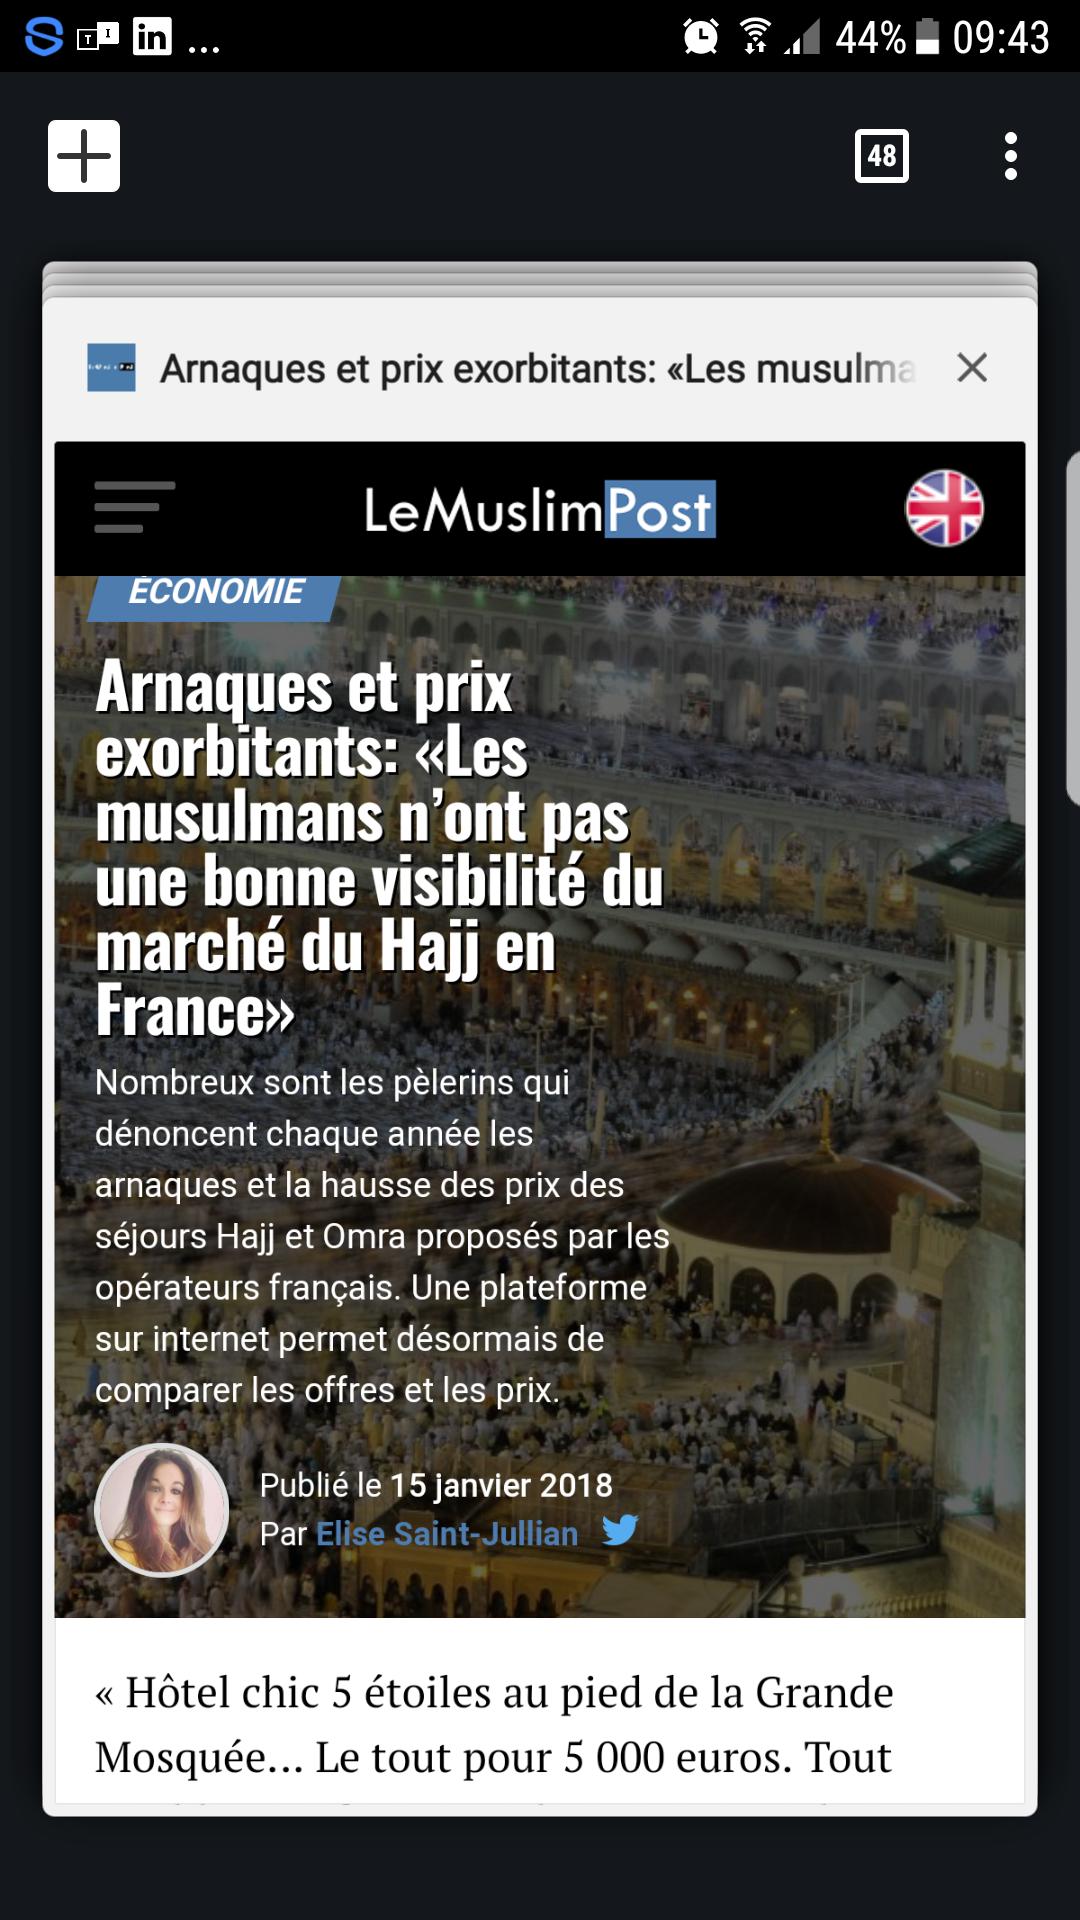 ARTICLE SUR LE MUSLIM POST